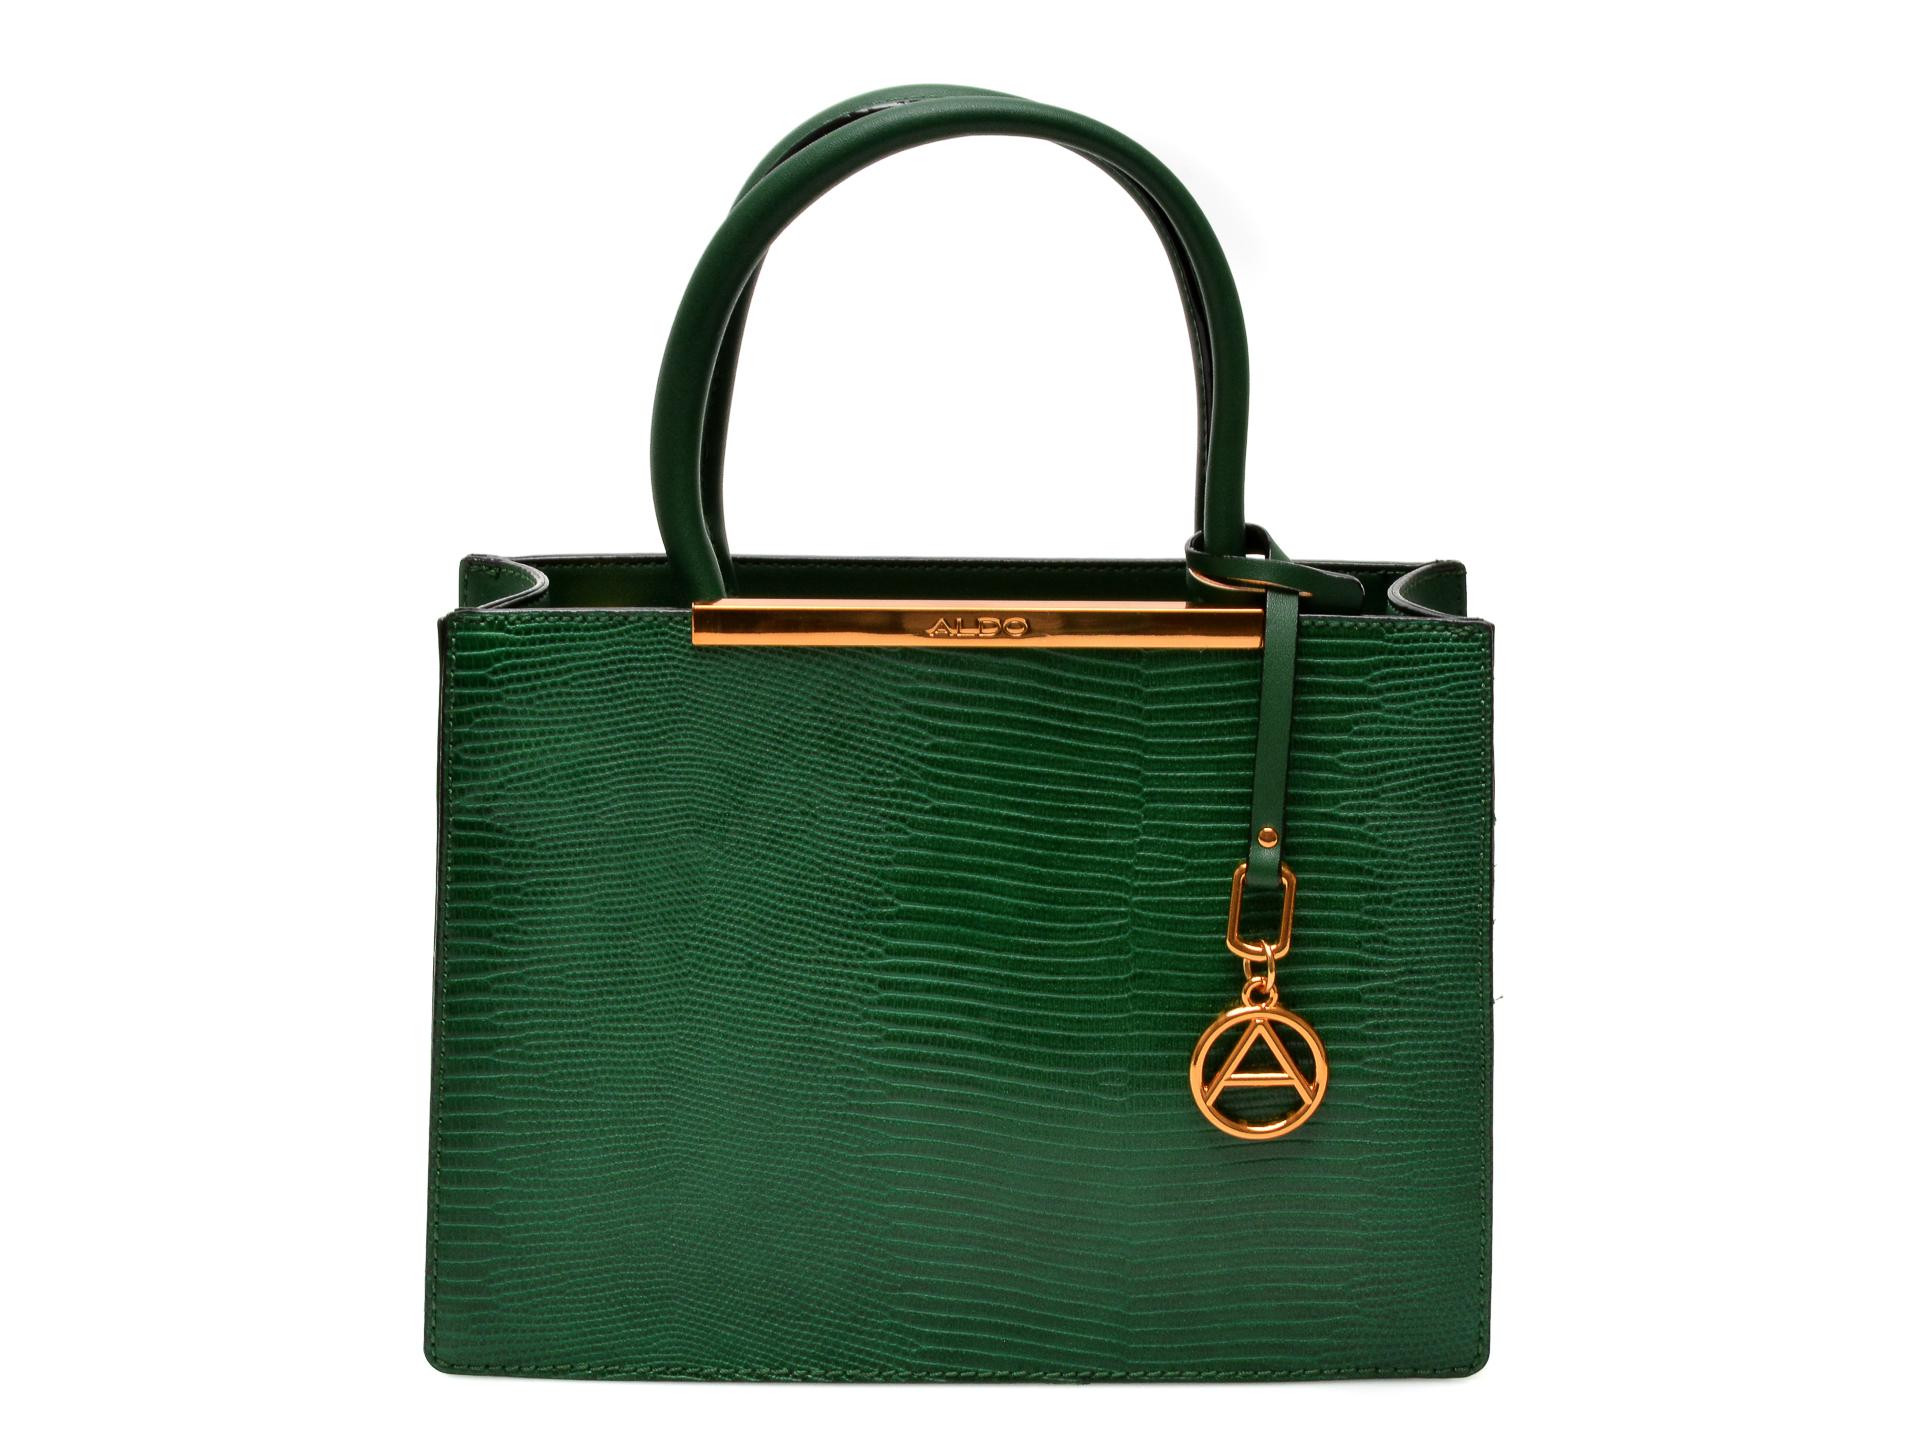 Poseta ALDO verde, 13065289, din piele ecologica imagine otter.ro